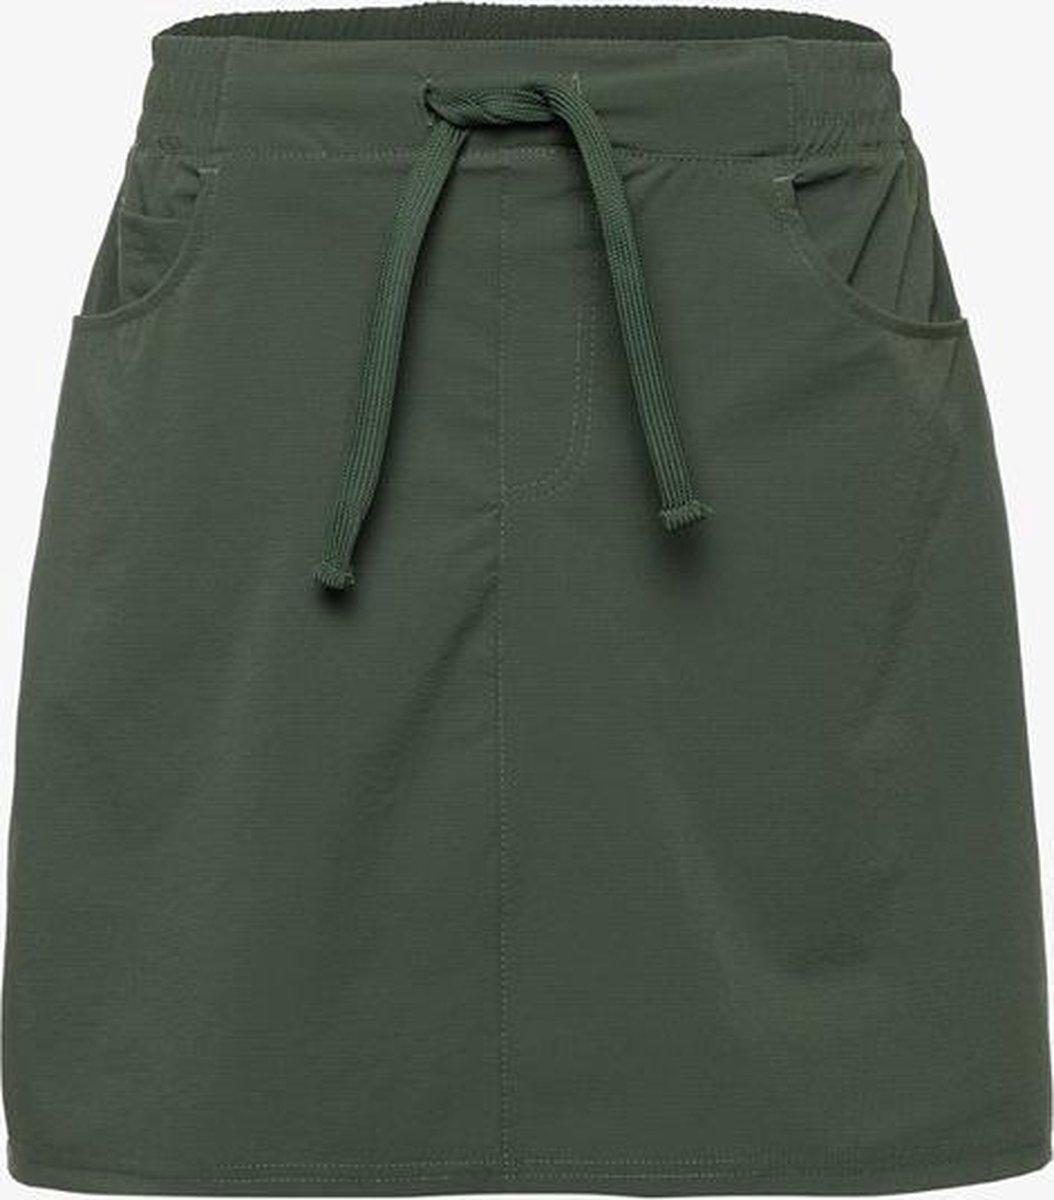 Mountain Peak dames outdoor broekrok - Groen - Maat XL